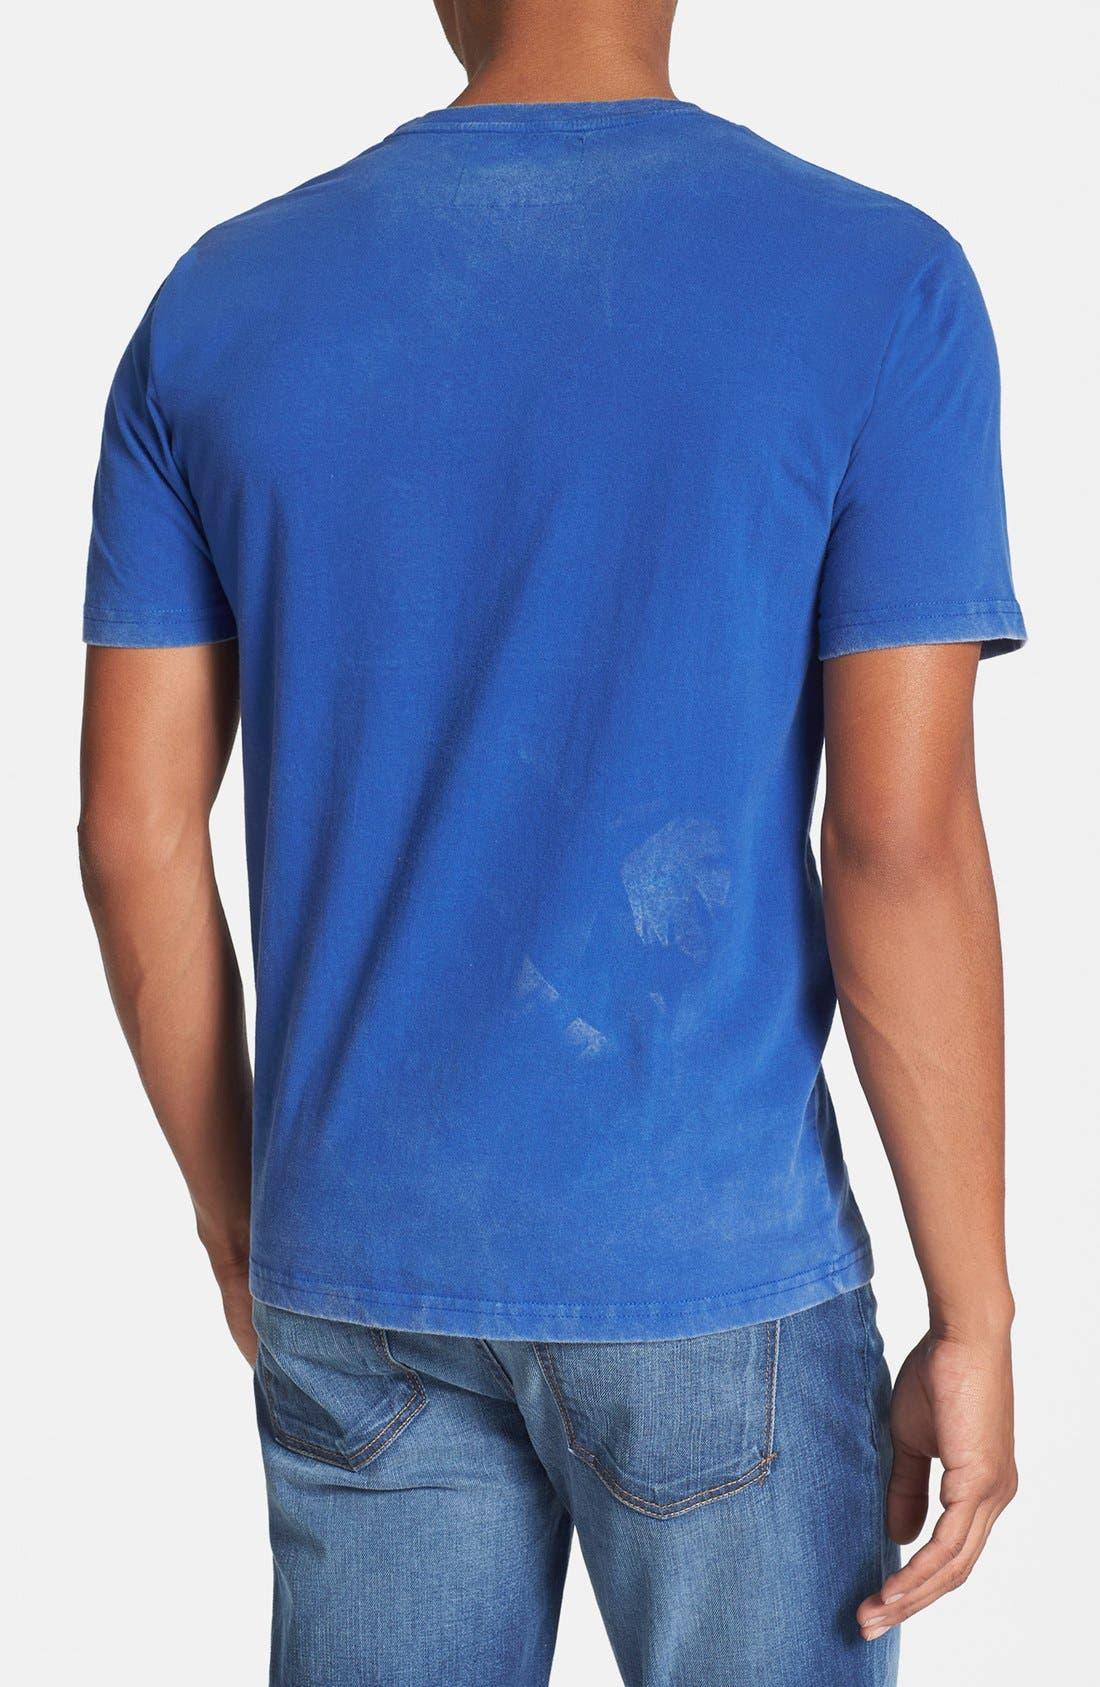 'Deadringer - New York Rangers' T-Shirt,                             Alternate thumbnail 2, color,                             420